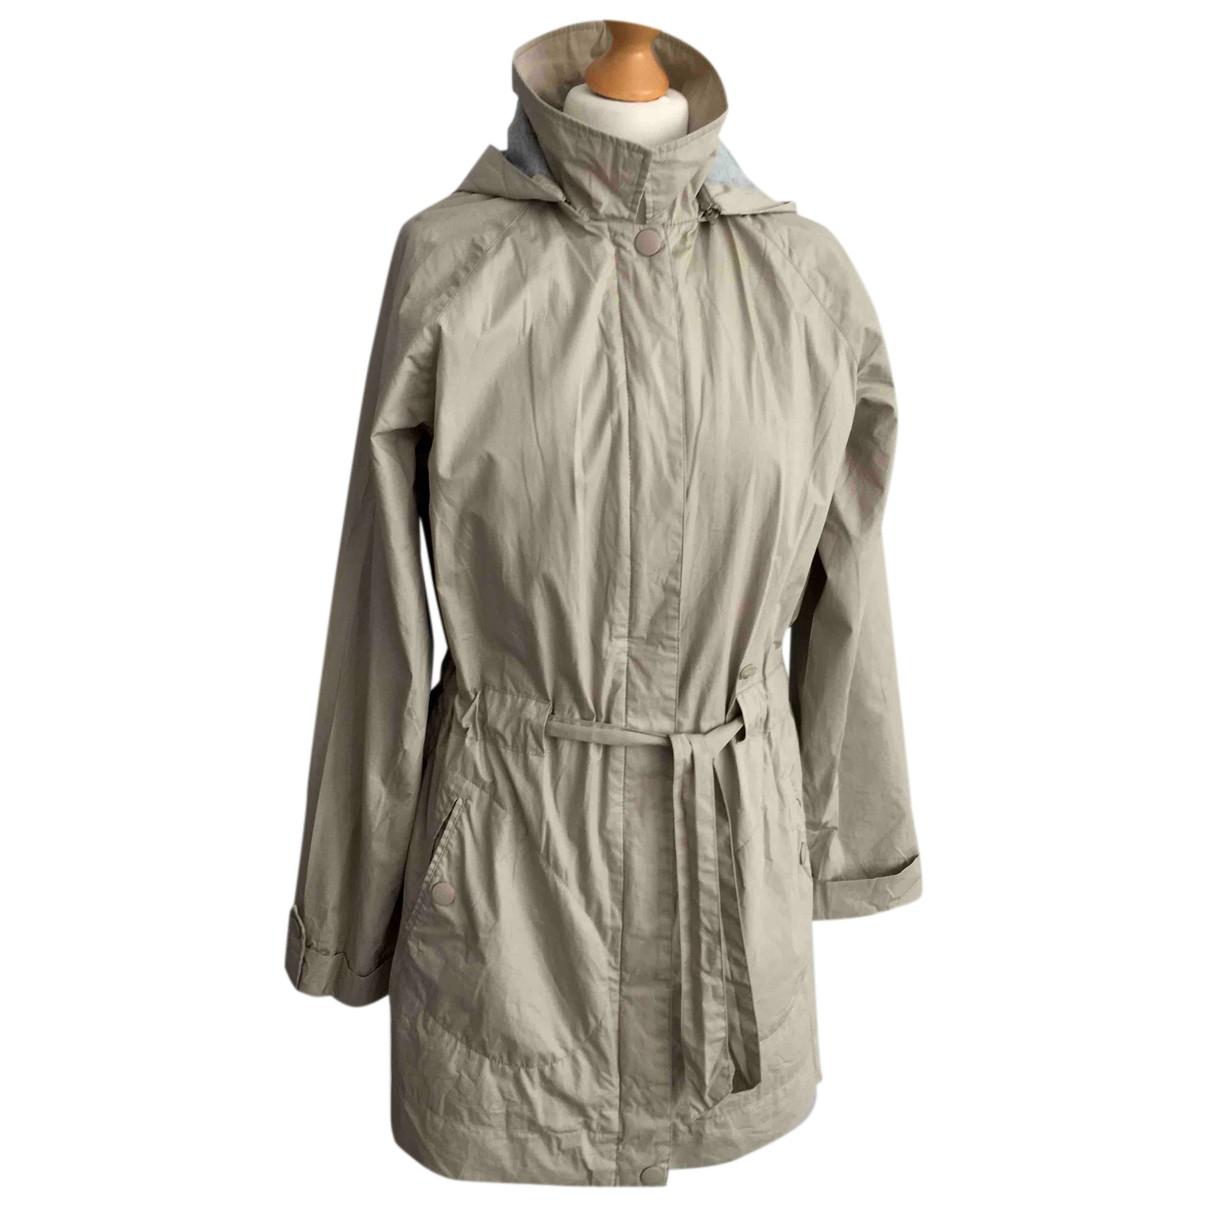 Lacoste - Manteau   pour femme en coton - beige